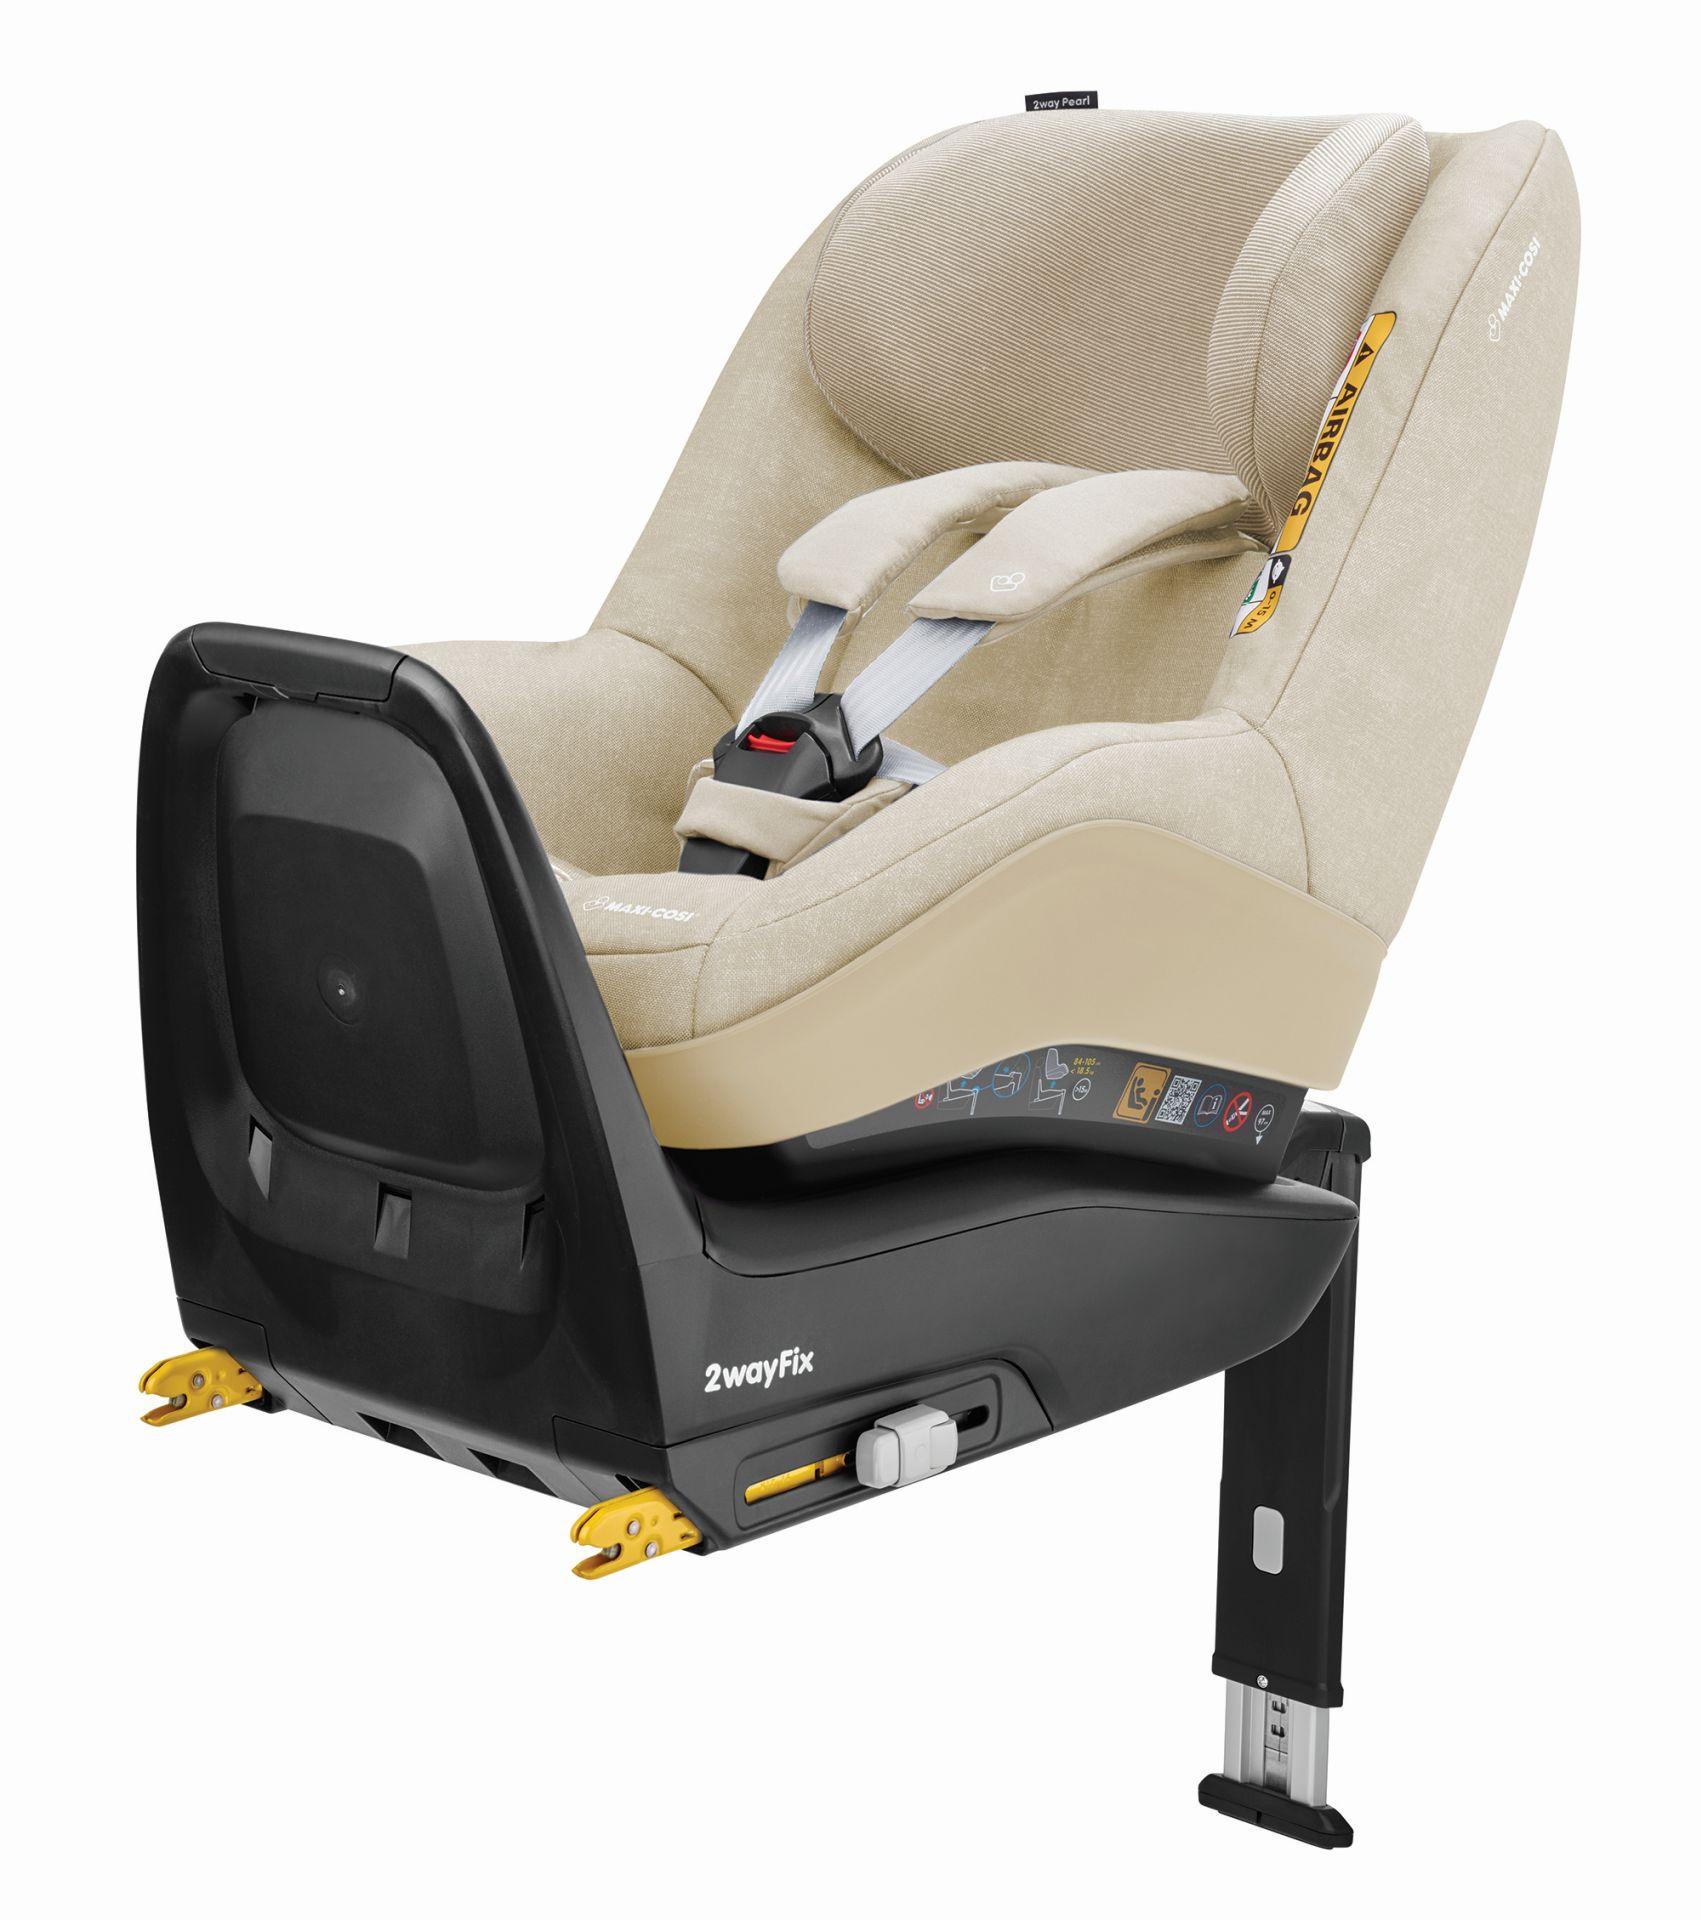 maxi cosi 2 way pearl con 2 way fix 2018 nomad sand comprar en kidsroom sillas de coche. Black Bedroom Furniture Sets. Home Design Ideas